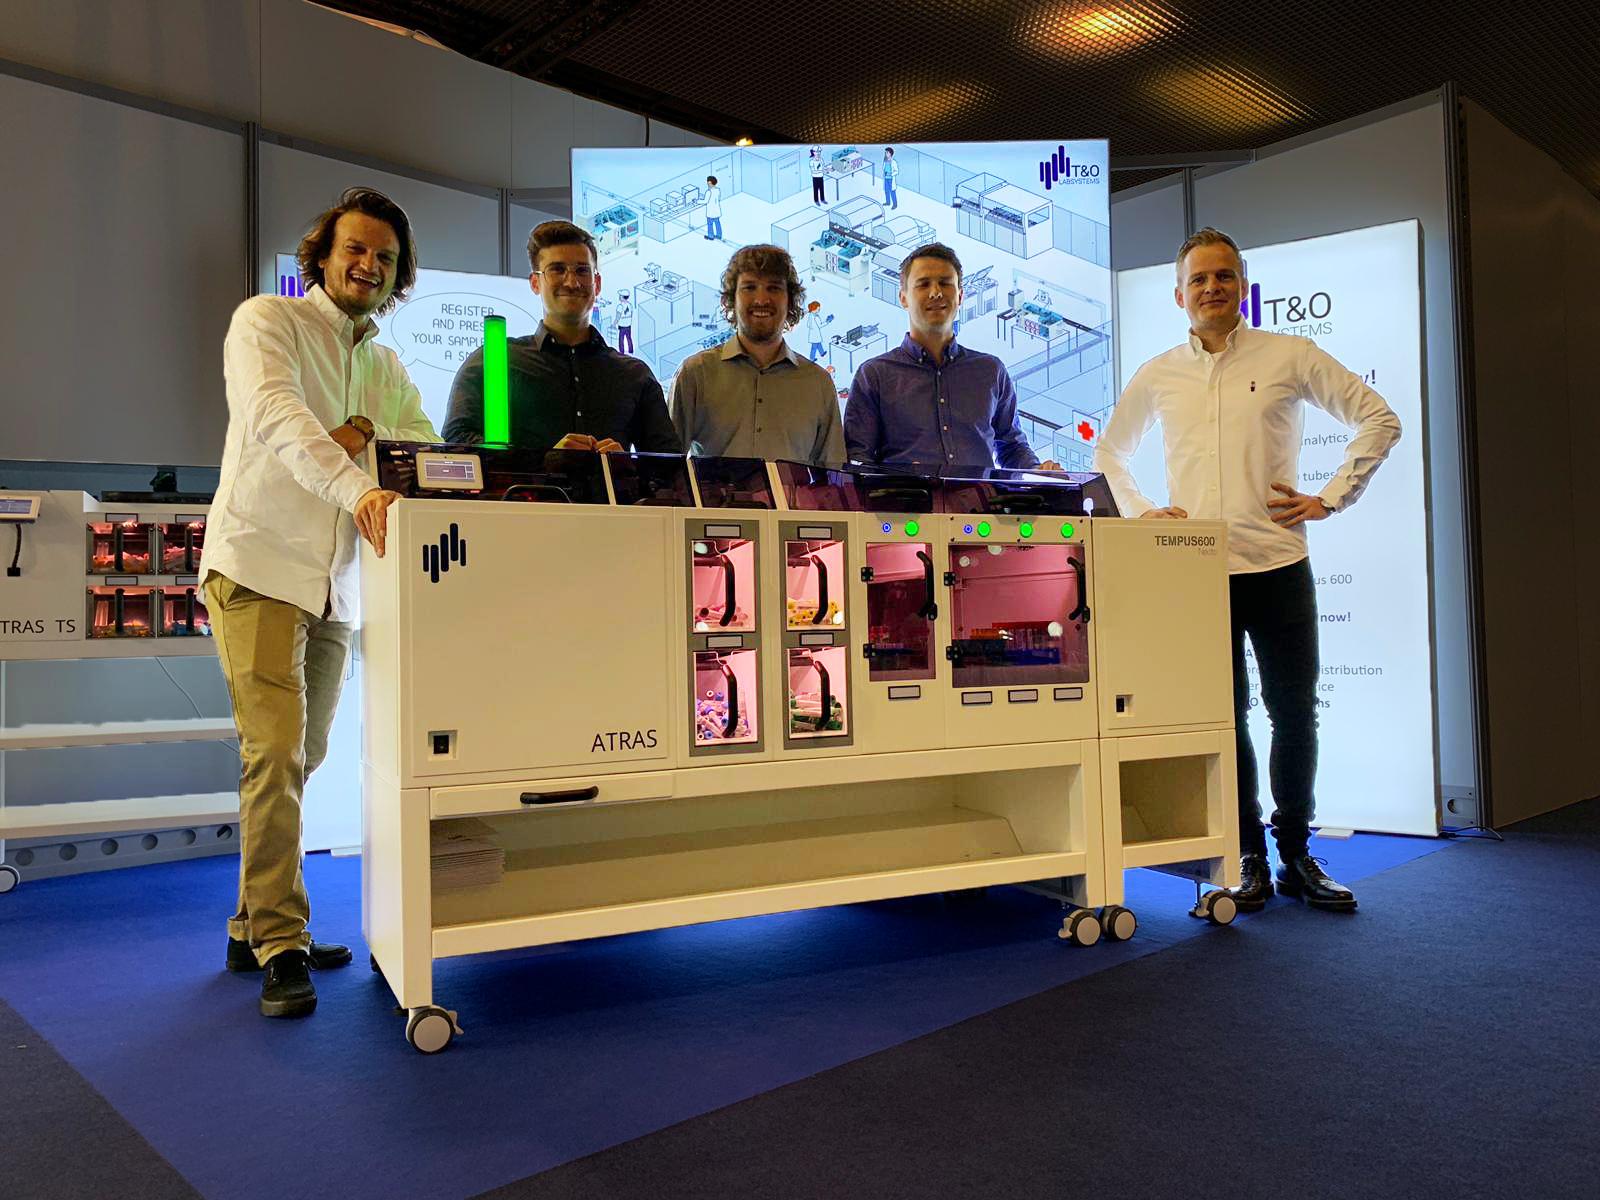 T&O LabSystems in front of the ATRAS at the Euromedlab 2019 in Barcelona (Dave Lorenzen, Christian Schatz, Dennis Lorenzen, Michel Averhoff & Janus Petersen)